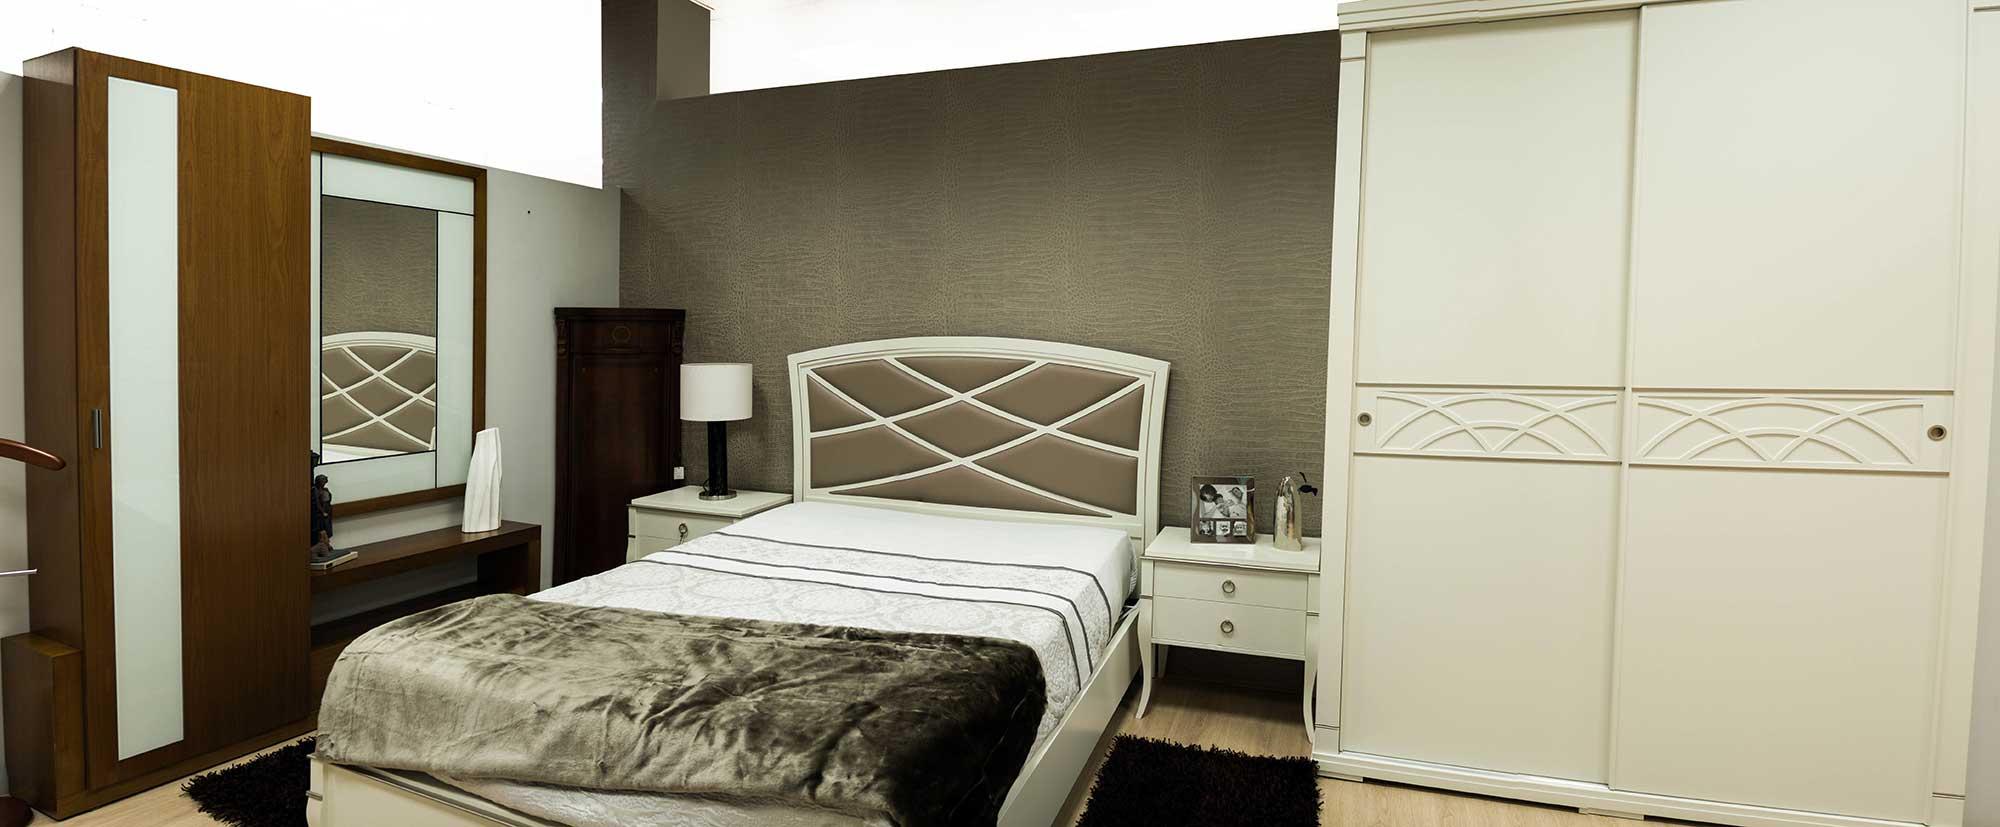 Decoración dormitorios matrimonio